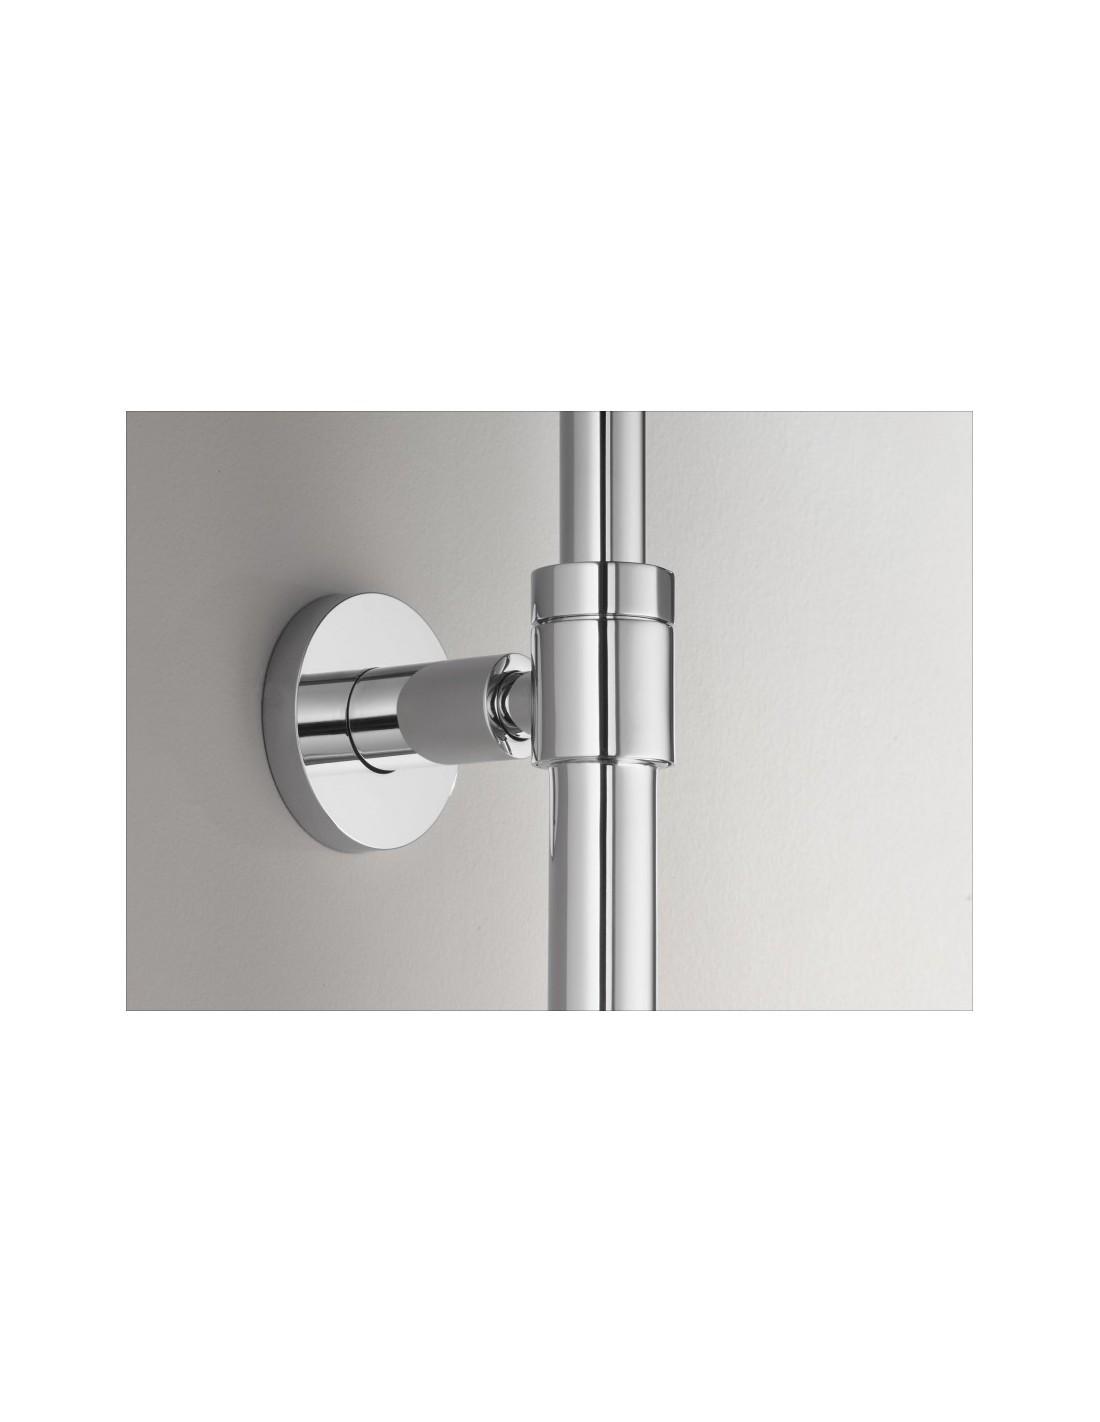 Colonne bain douche avec mitigeur thermostatique july - Mitigeur thermostatique bain douche jacob delafon ...